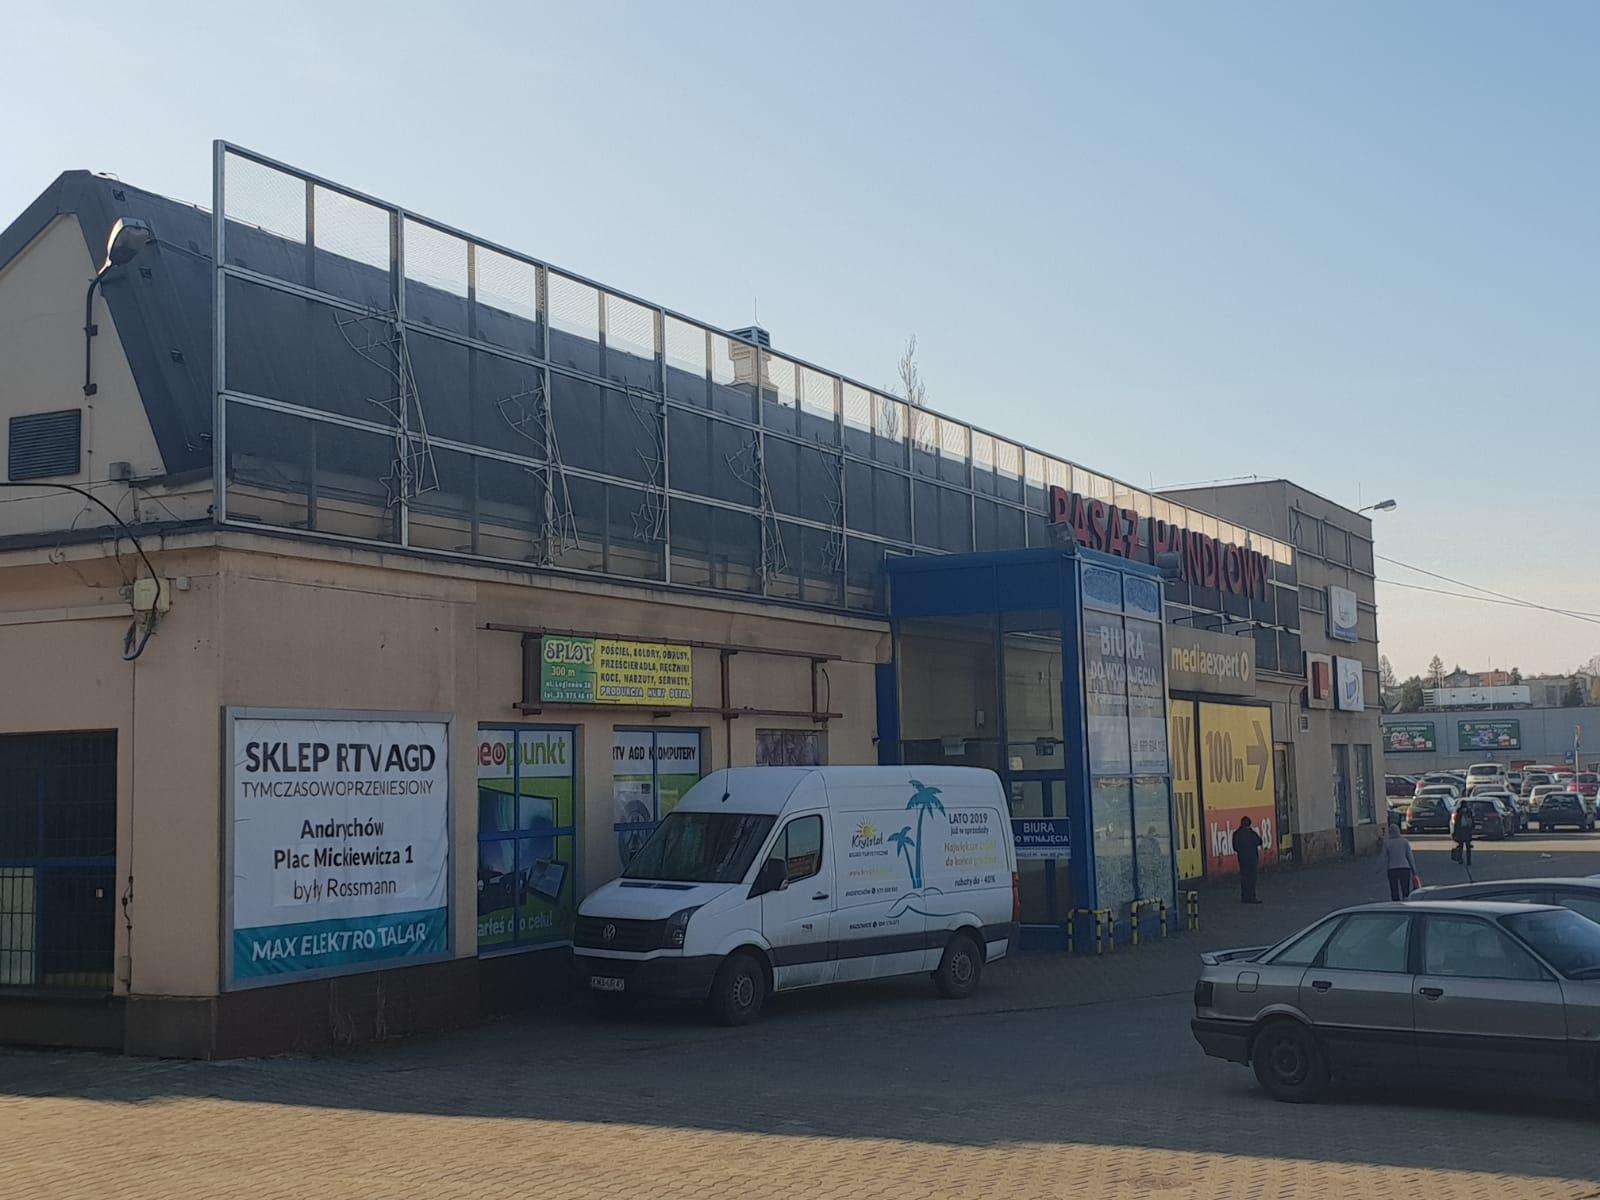 Nowy właściciel pasażu handlowego w Andrychowie. Będzie remont i ponowne otwarcie